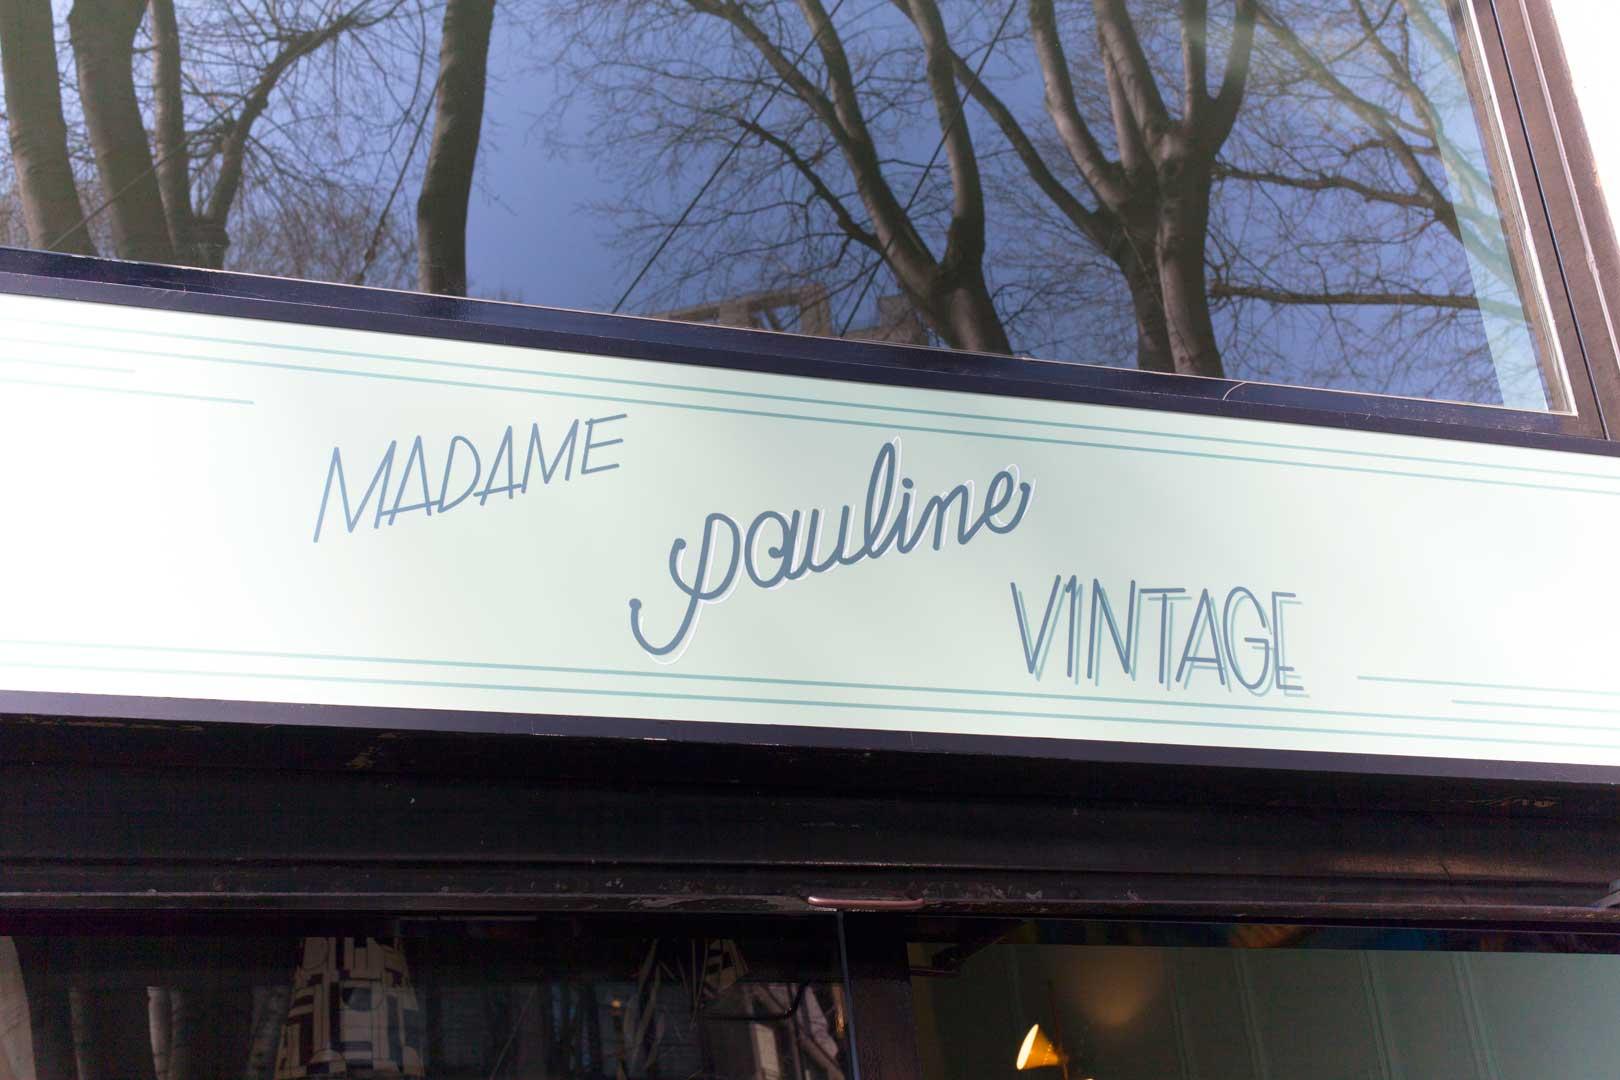 Madame Pauline Vintage